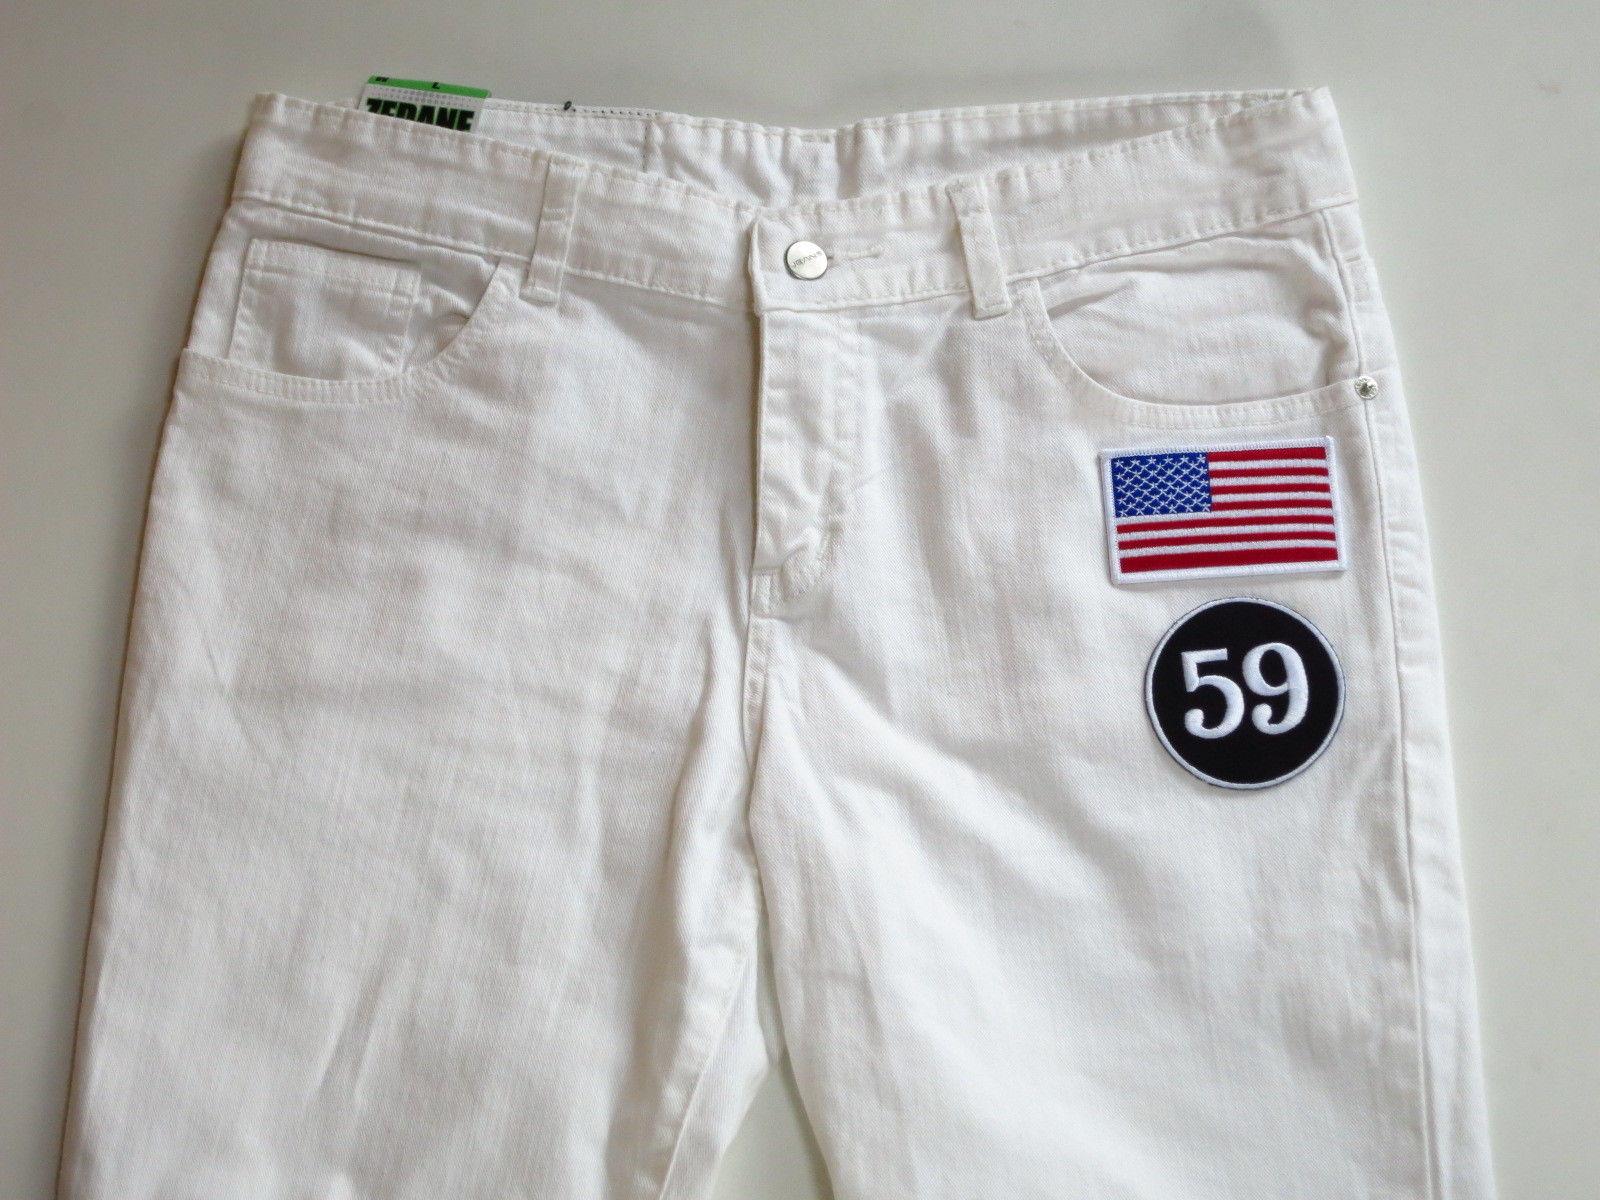 アメリカ国旗 × 59 ワッペン付きスキニーパンツ 白星条旗 W30 W32 W34 W36 W38白パンスリムパンツホワイトデニム ビッグサイズ大きいサイズ